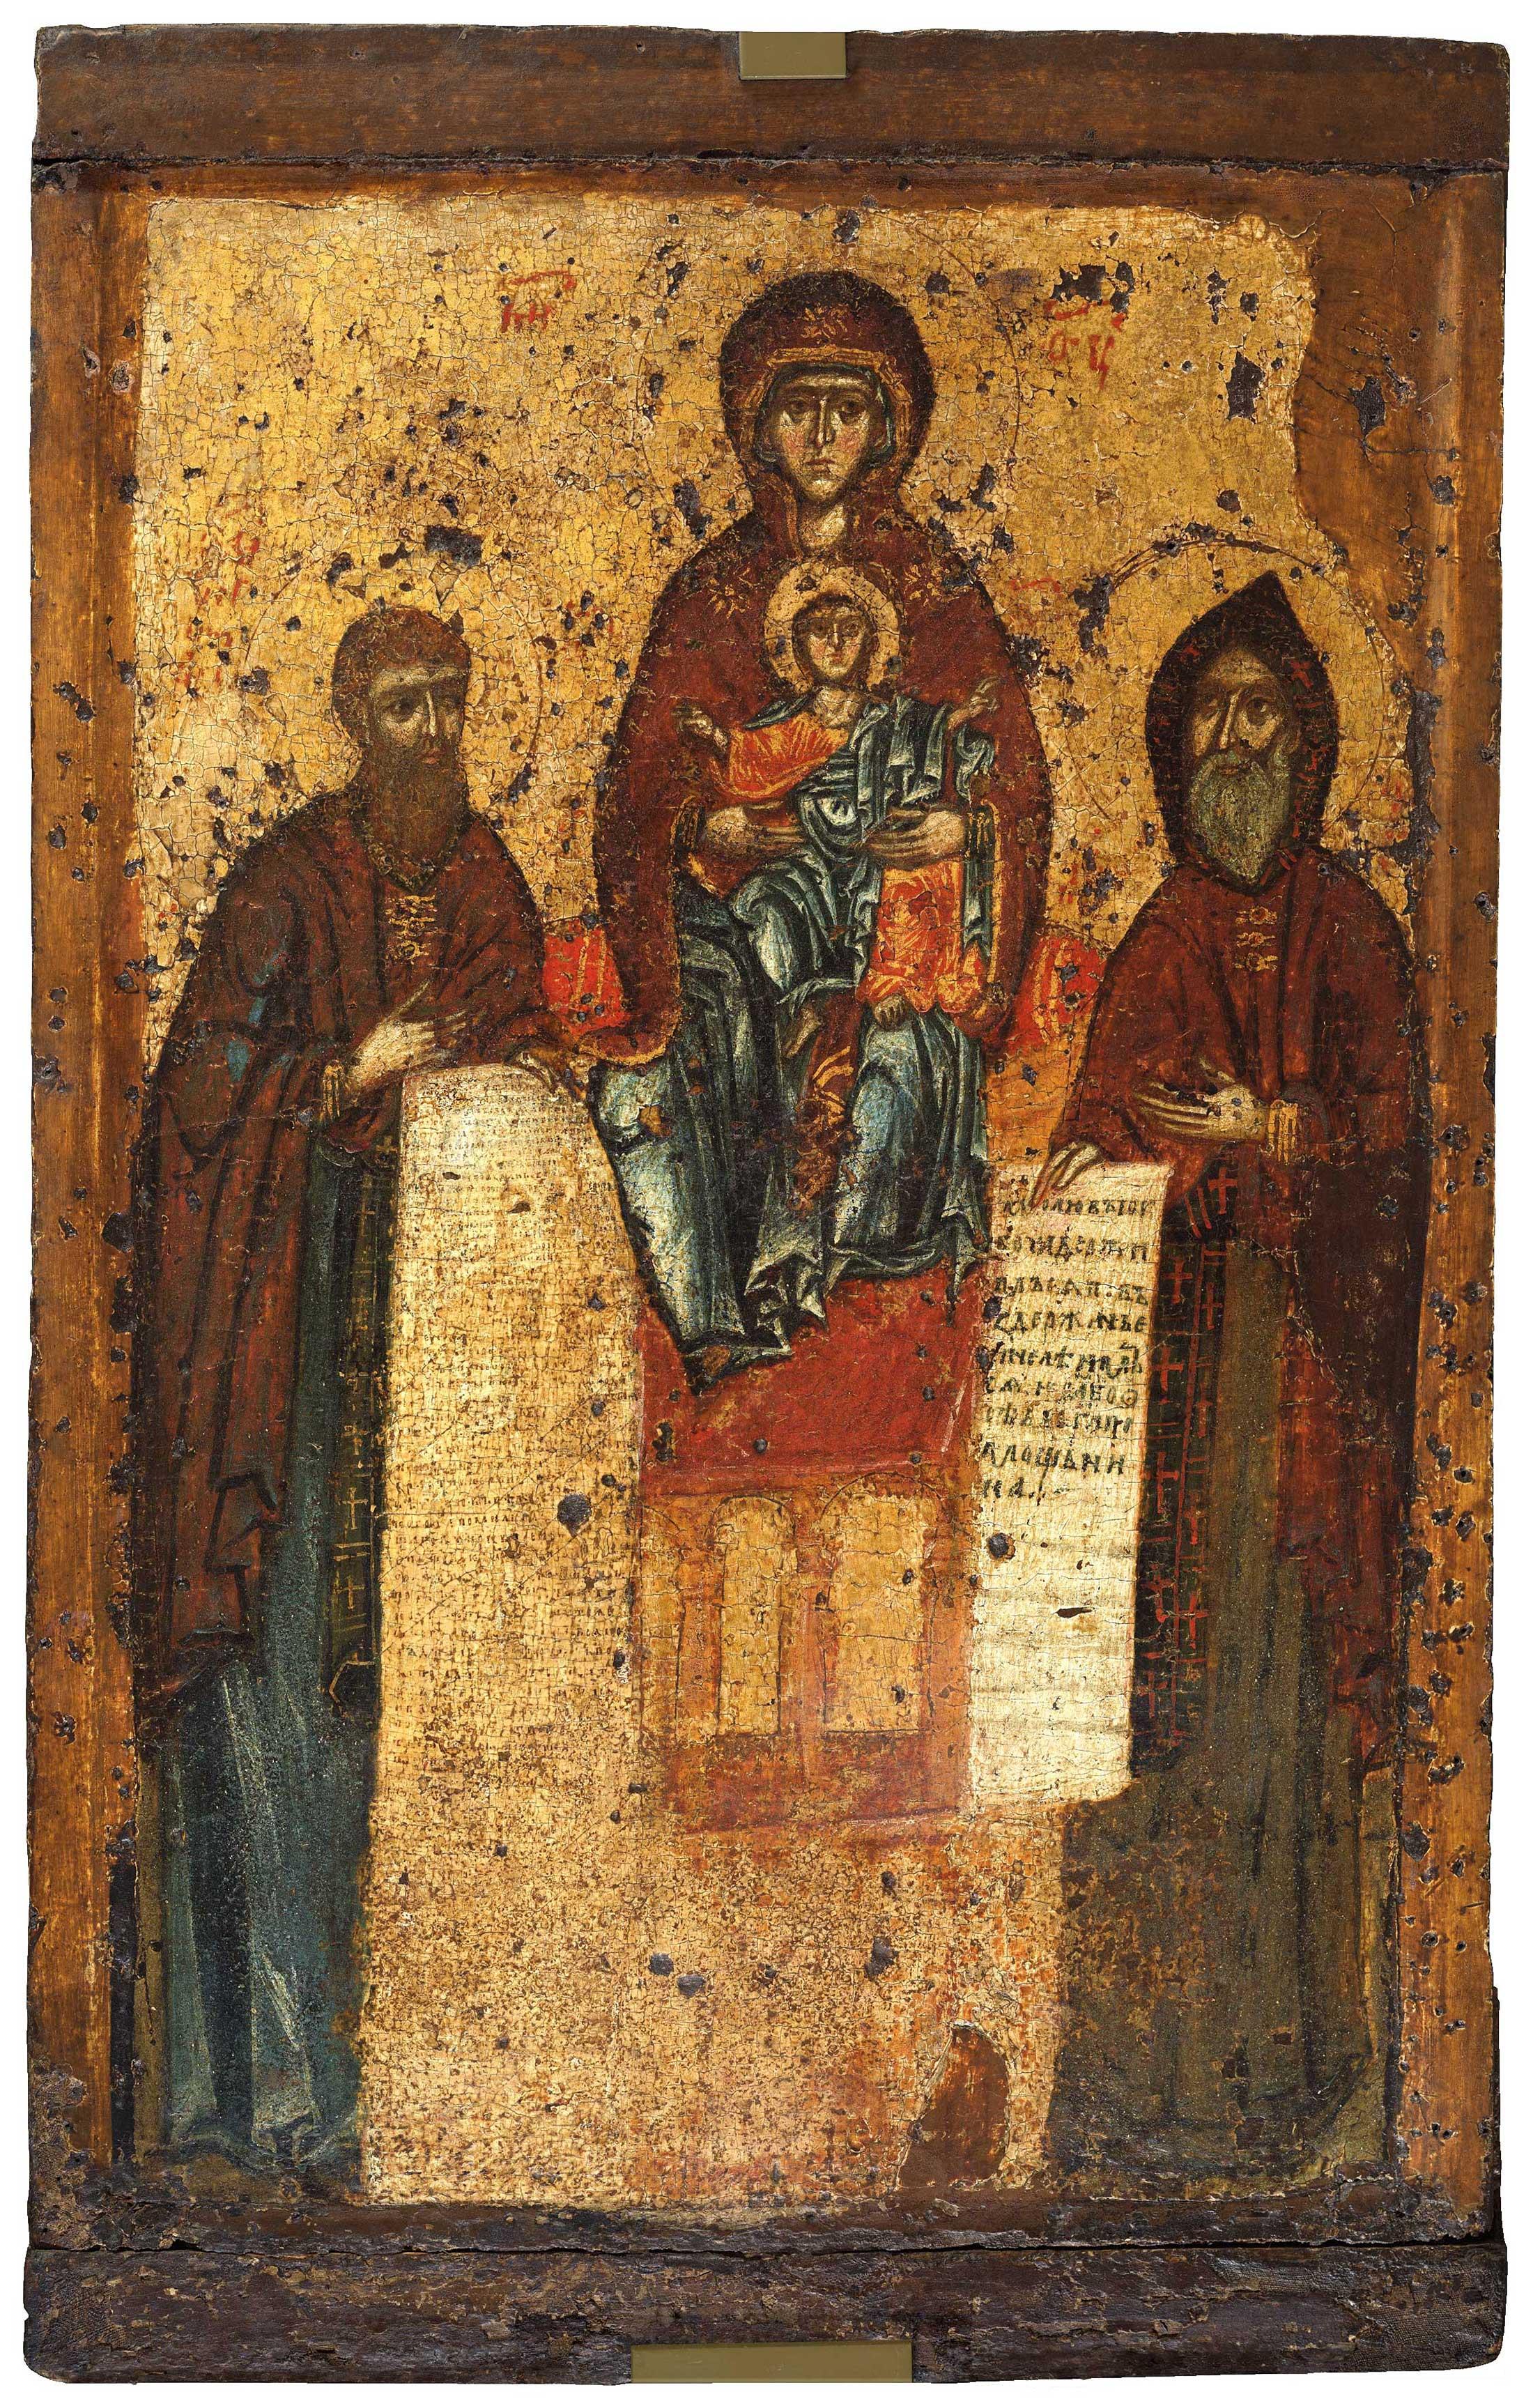 Богоматерь Свенская с преподобными Антонием и Феодосием Печерскими